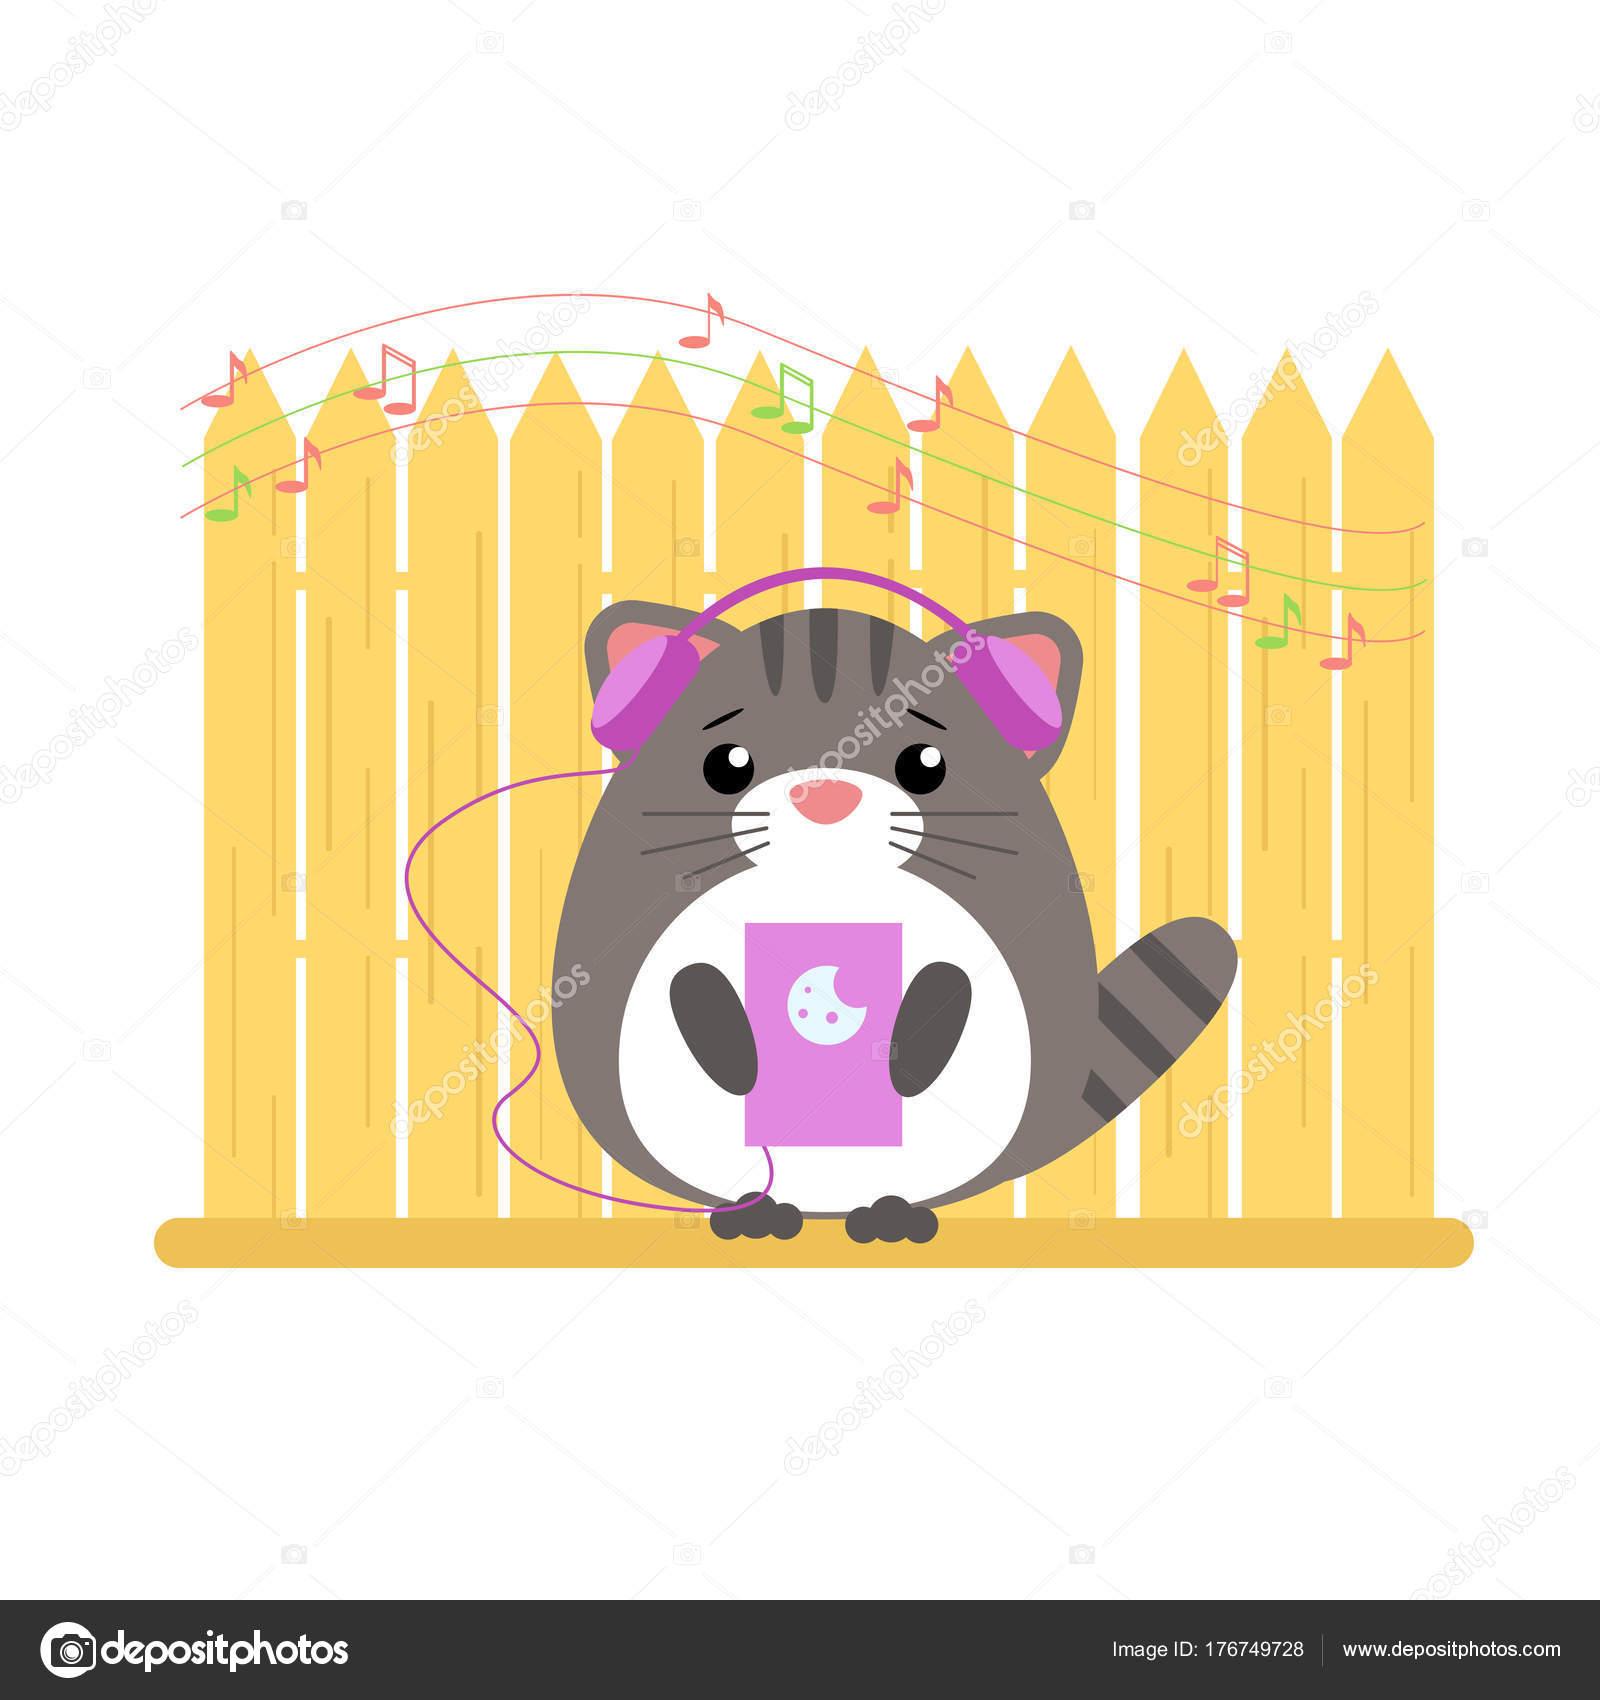 デバイスから音楽に耳を傾け擬人化灰色の猫のベクター イラストです